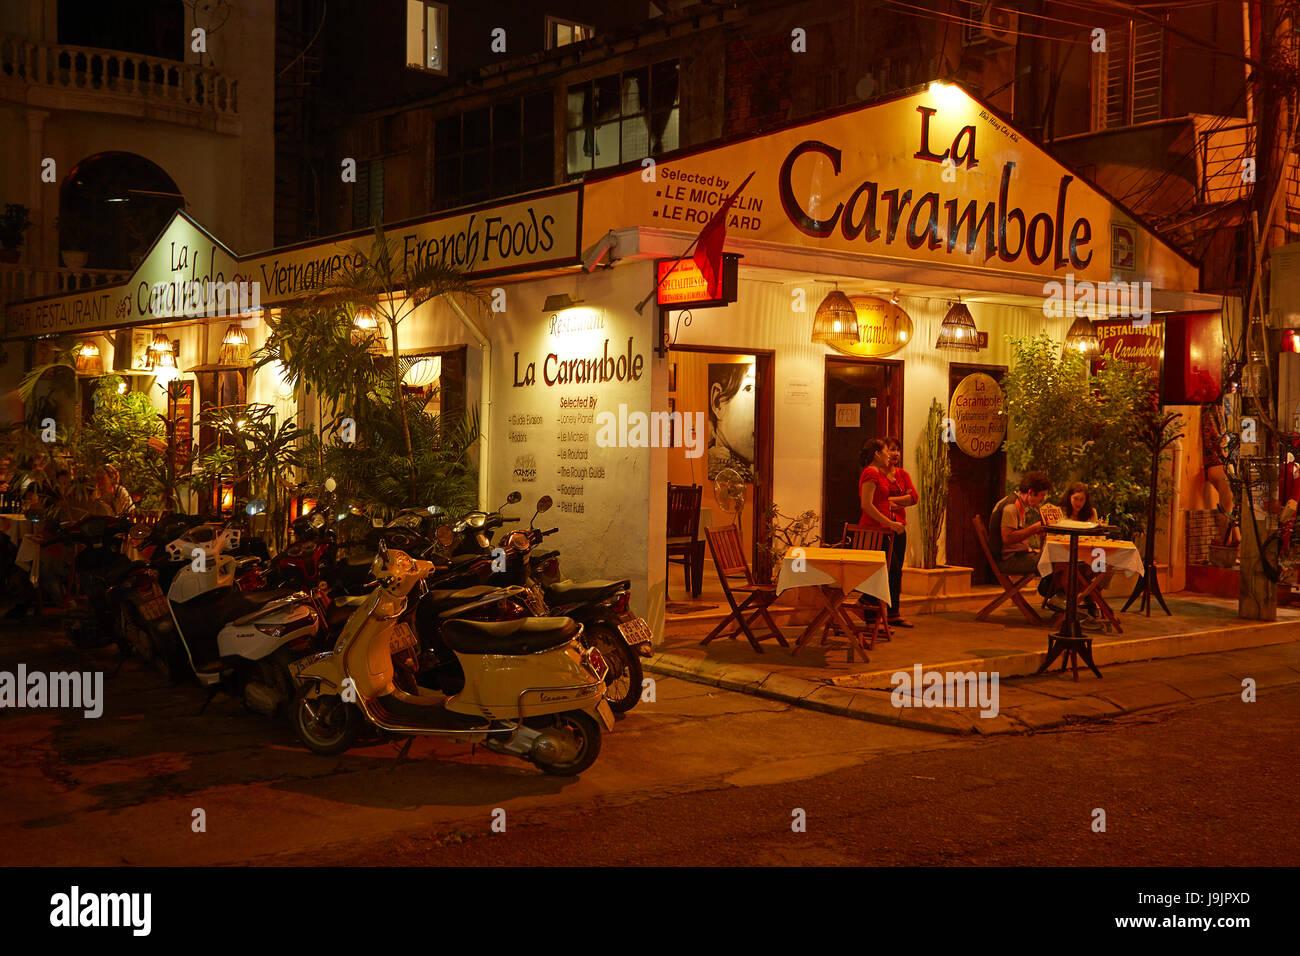 Restaurant La carambole, la teinte, la côte centrale du nord du Vietnam, Photo Stock